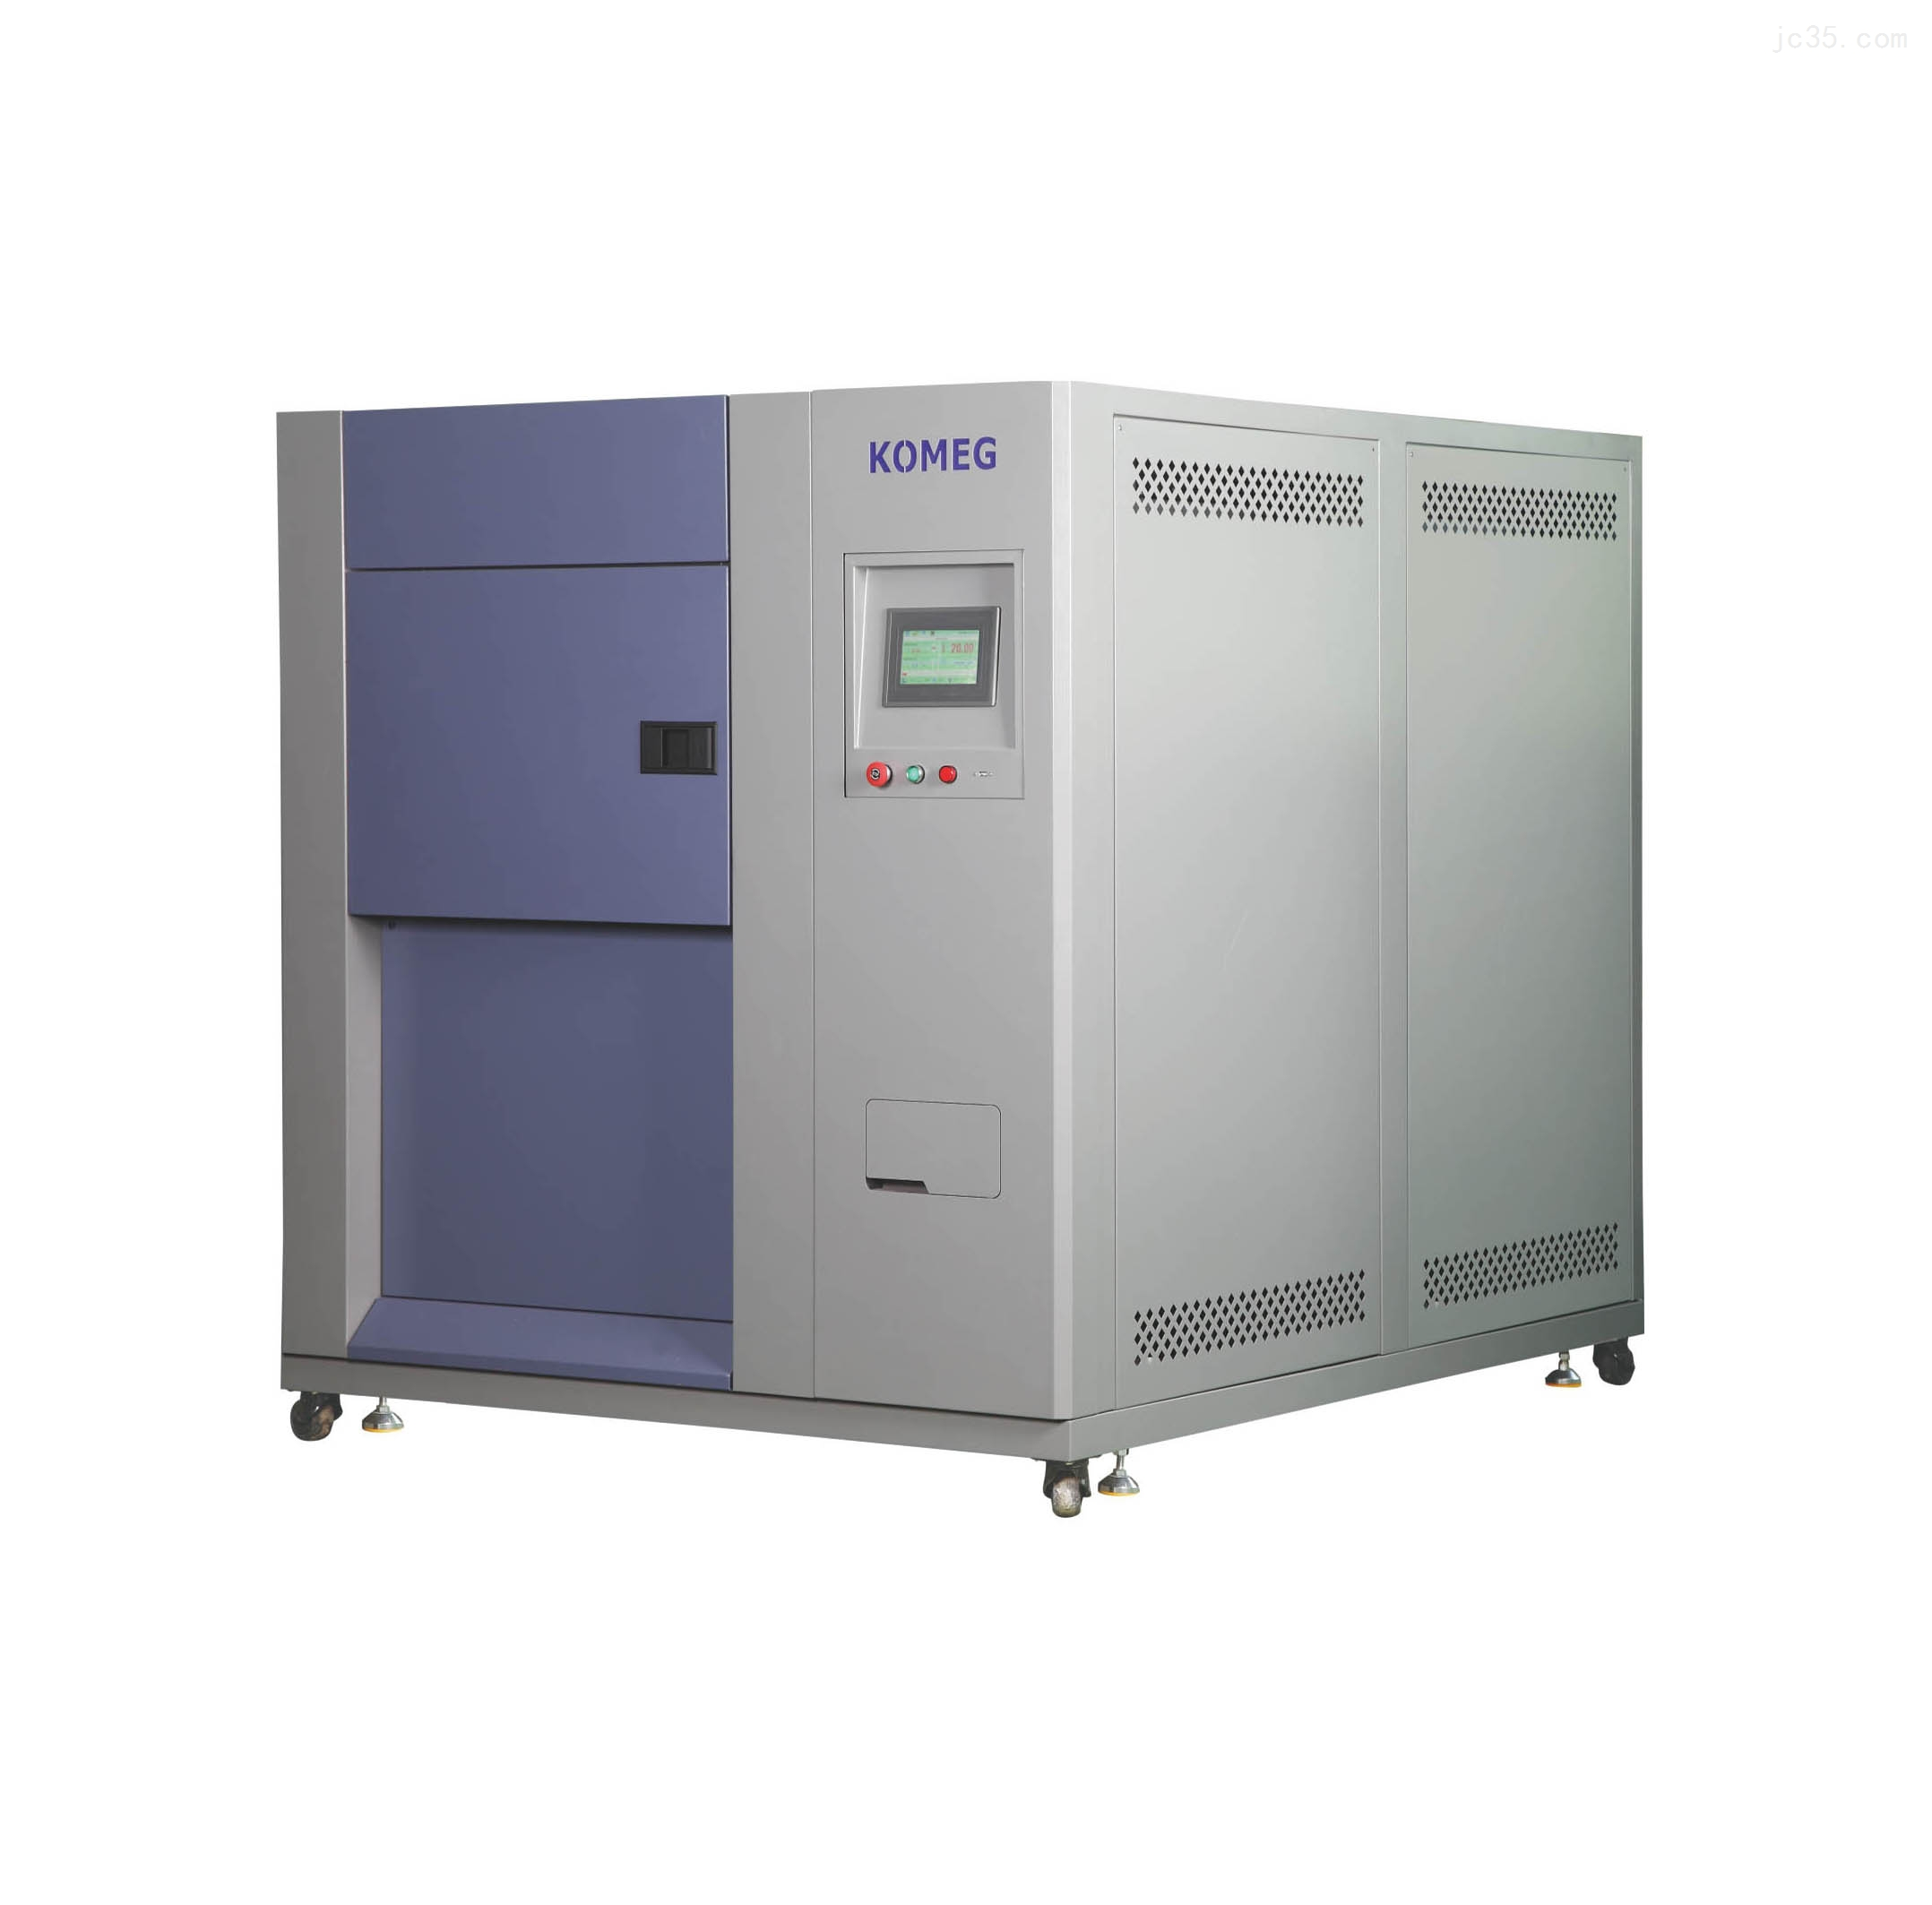 不锈钢板带液晶触摸显示屏-65℃~+150℃三槽式冷热冲击箱